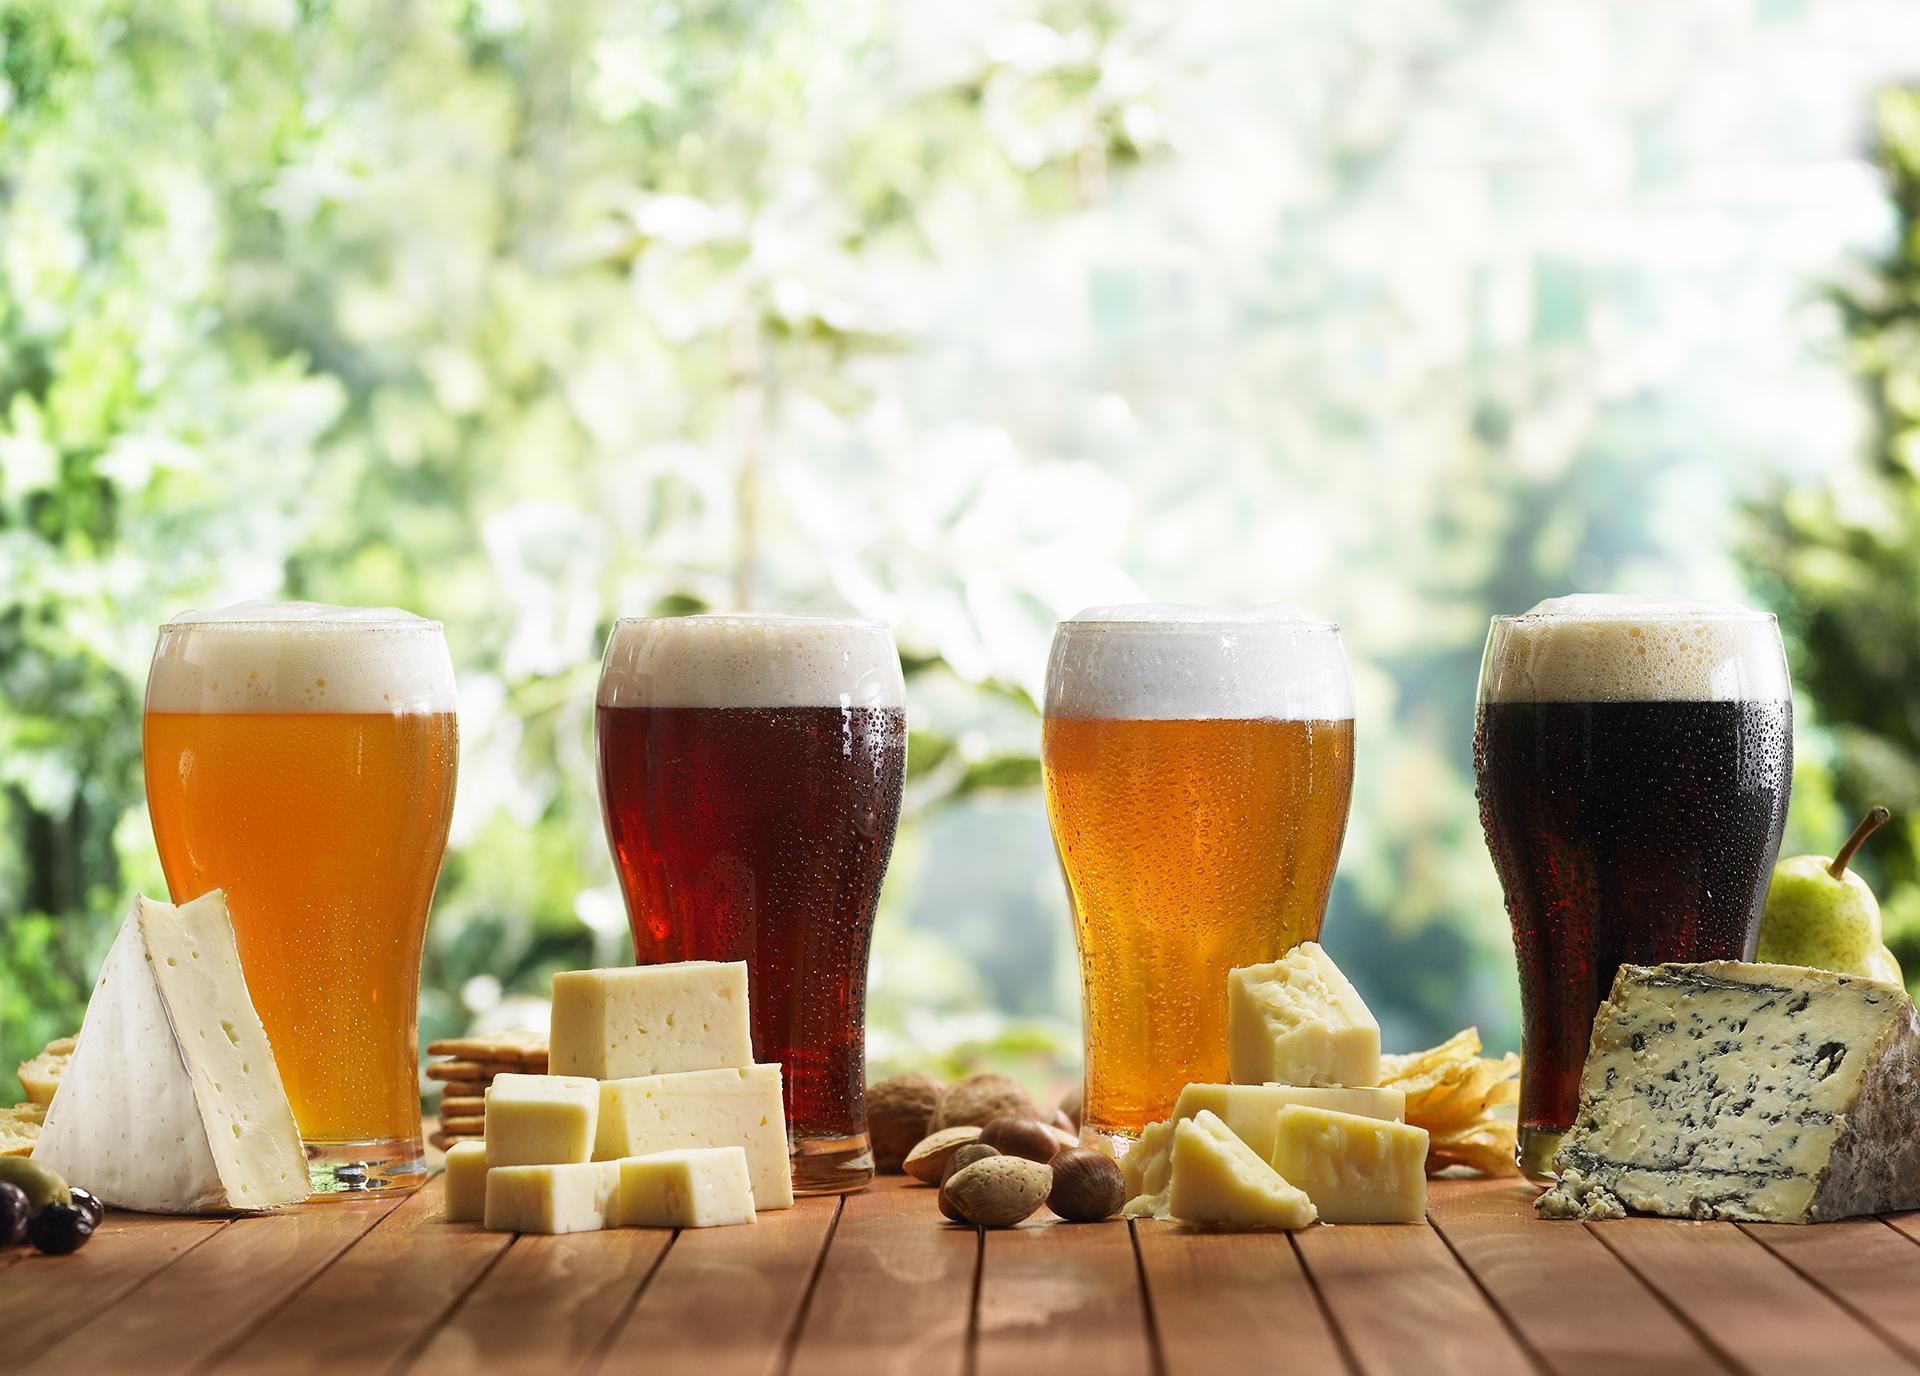 photographe-biere-producteurs-laitiers-du-canada-tango-photographie